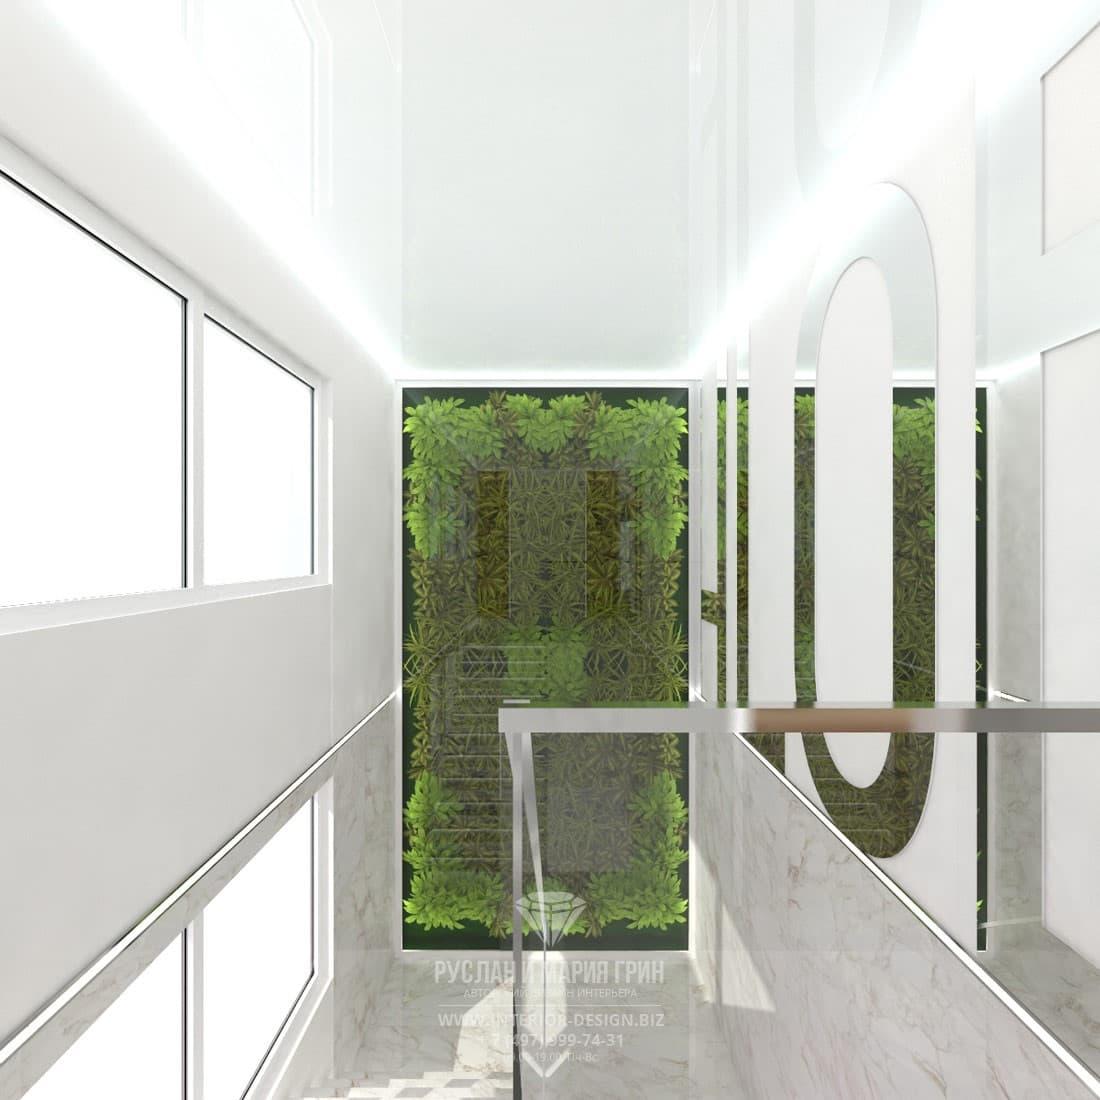 Небольшой салон красоты в скандинавском стиле. Лестничный холл